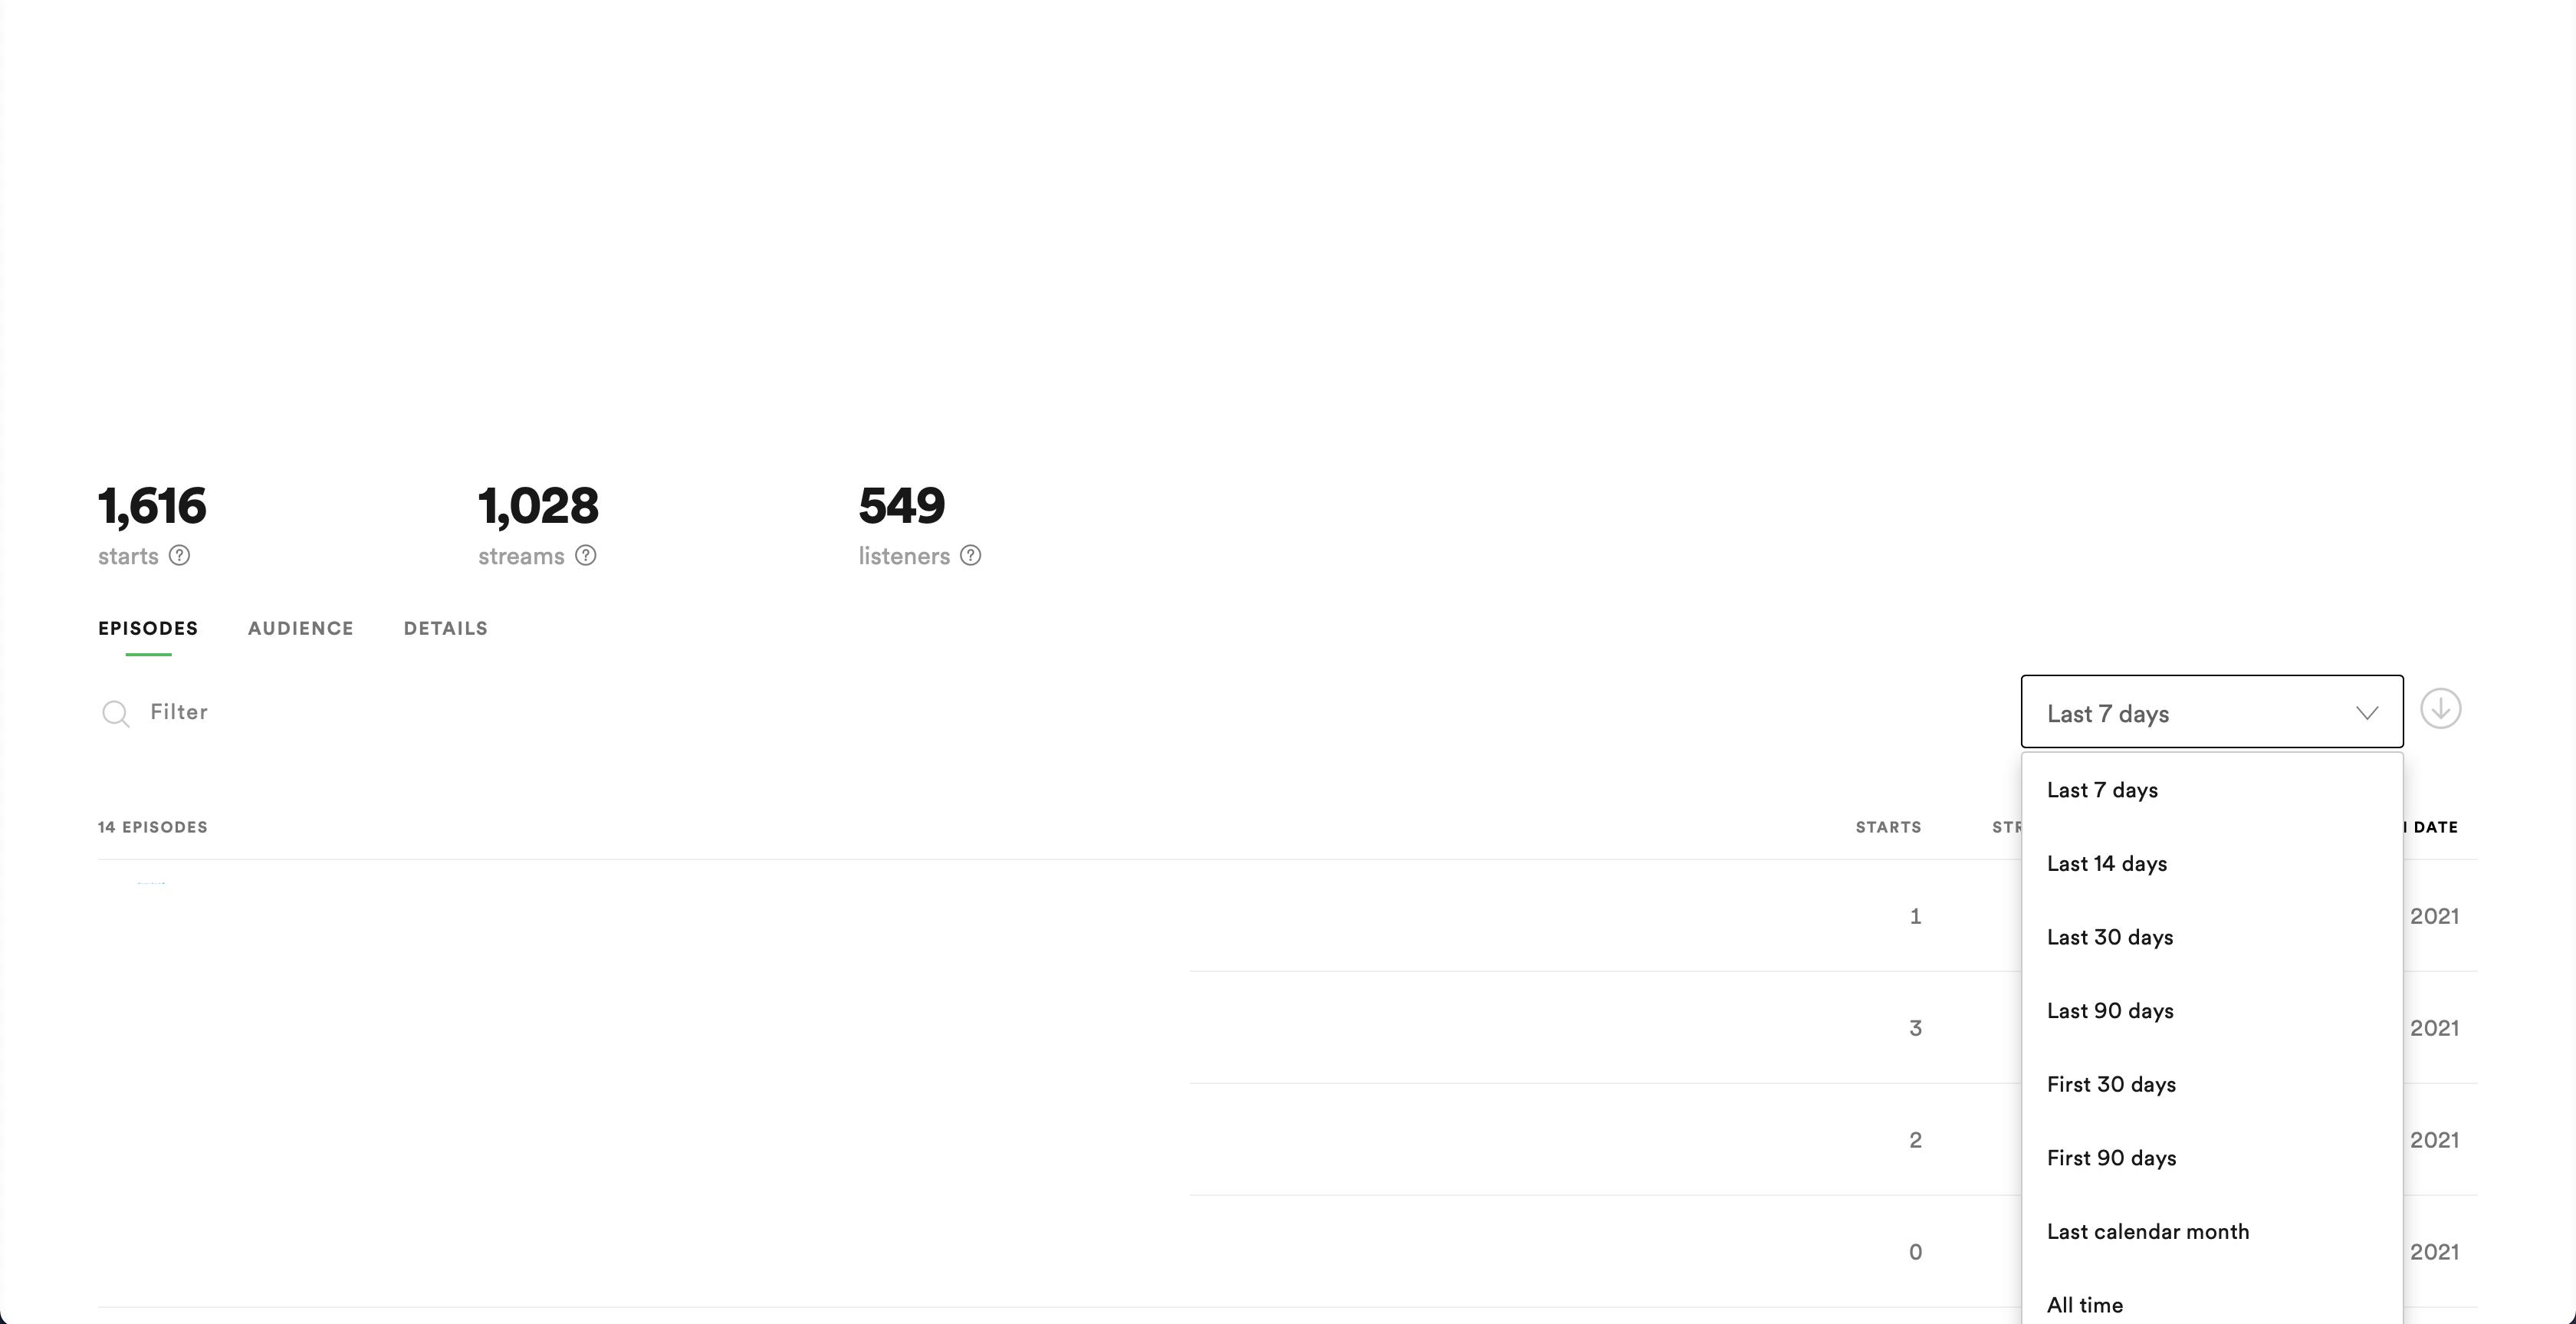 Seção de catálogo do spotify for podcasters